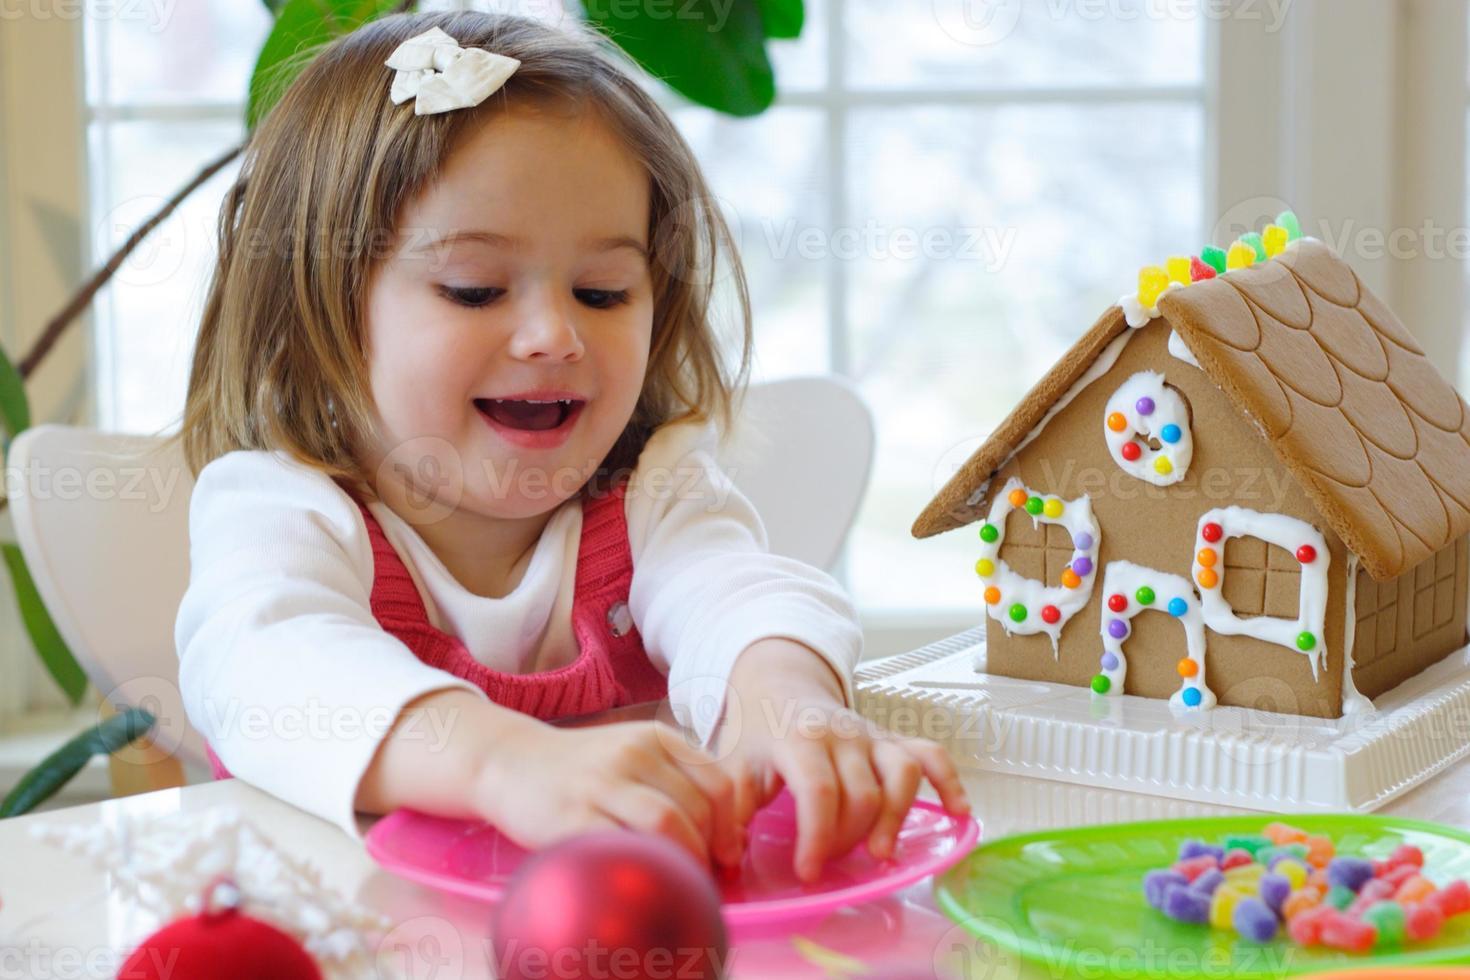 eine junge brünette Frau, die Weihnachtsaktivitäten genießt foto